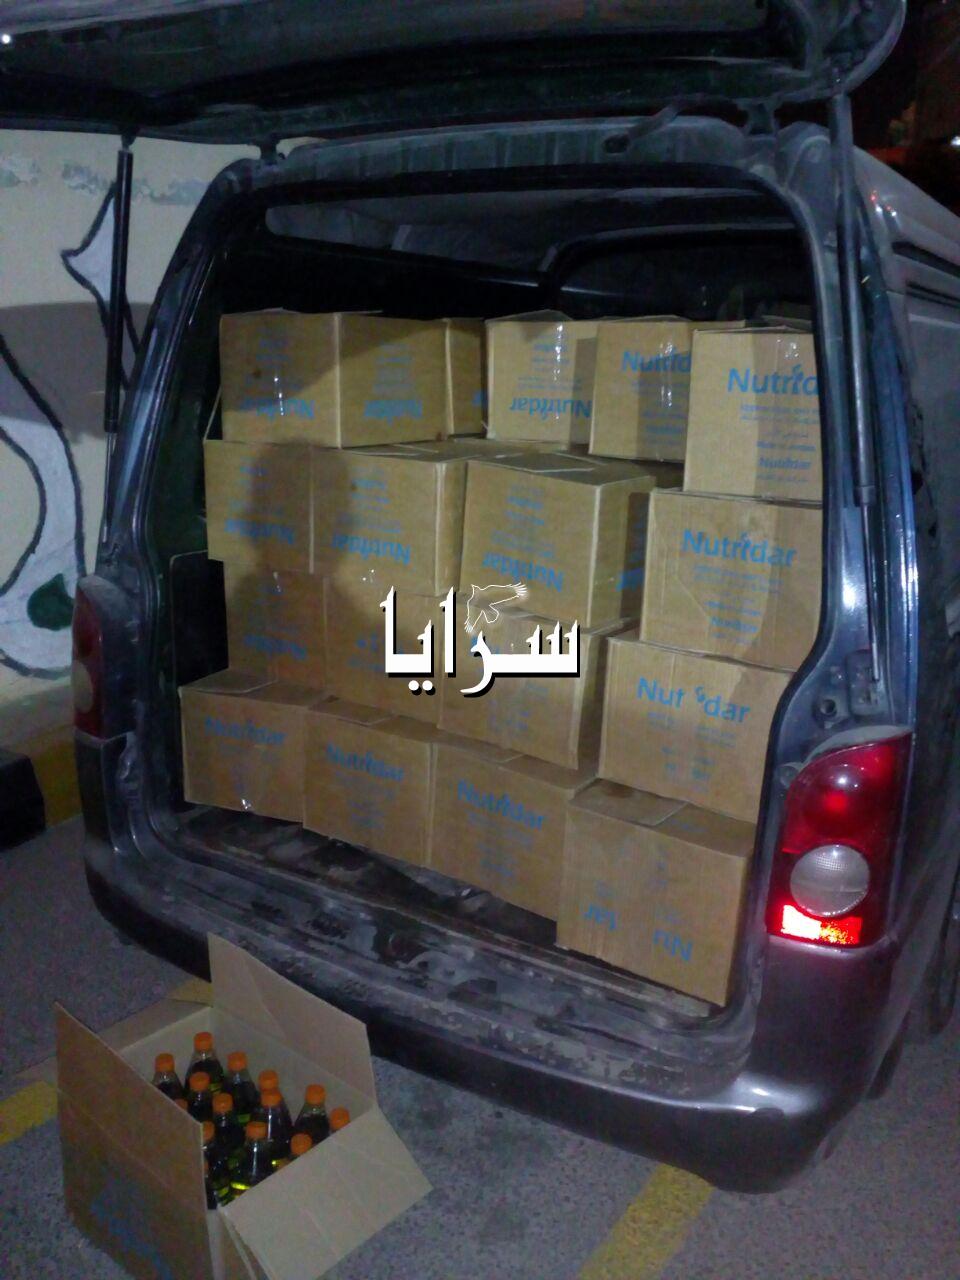 الزرقاء .. بالصور: ضبط أكثر من 700 لتر زيت زيتون مغشوش وتحويل صاحبها للحاكم الإداري